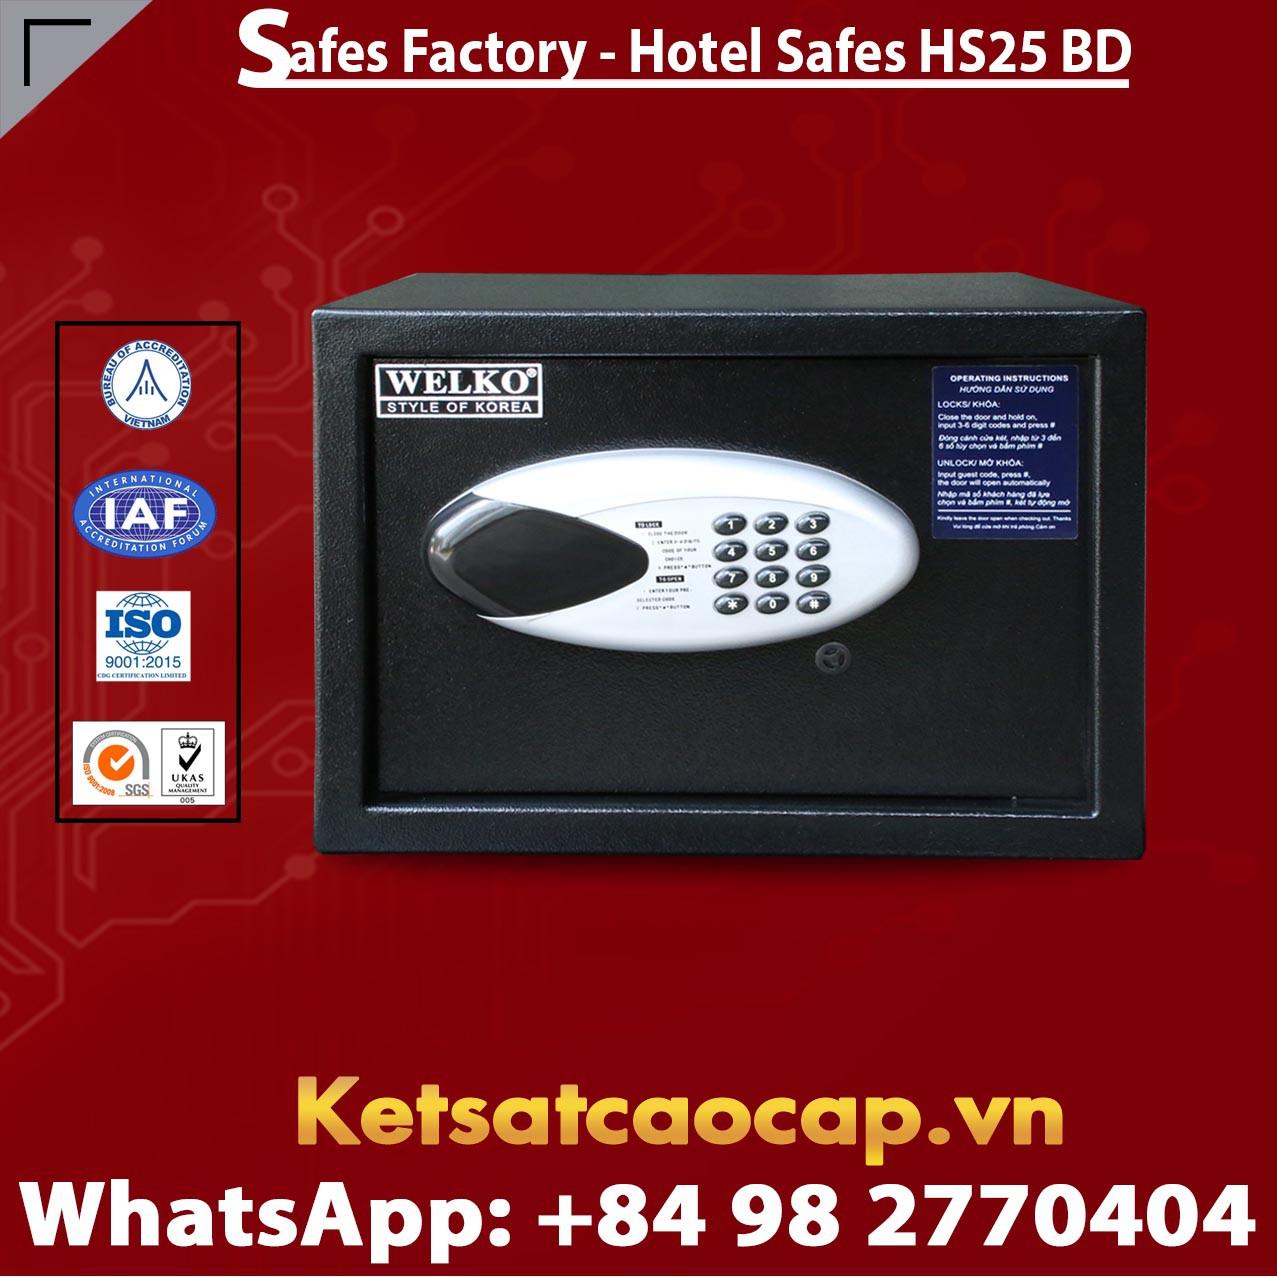 Két Sắt Khách Sạn Hotel Safes WELKO HS25 BD